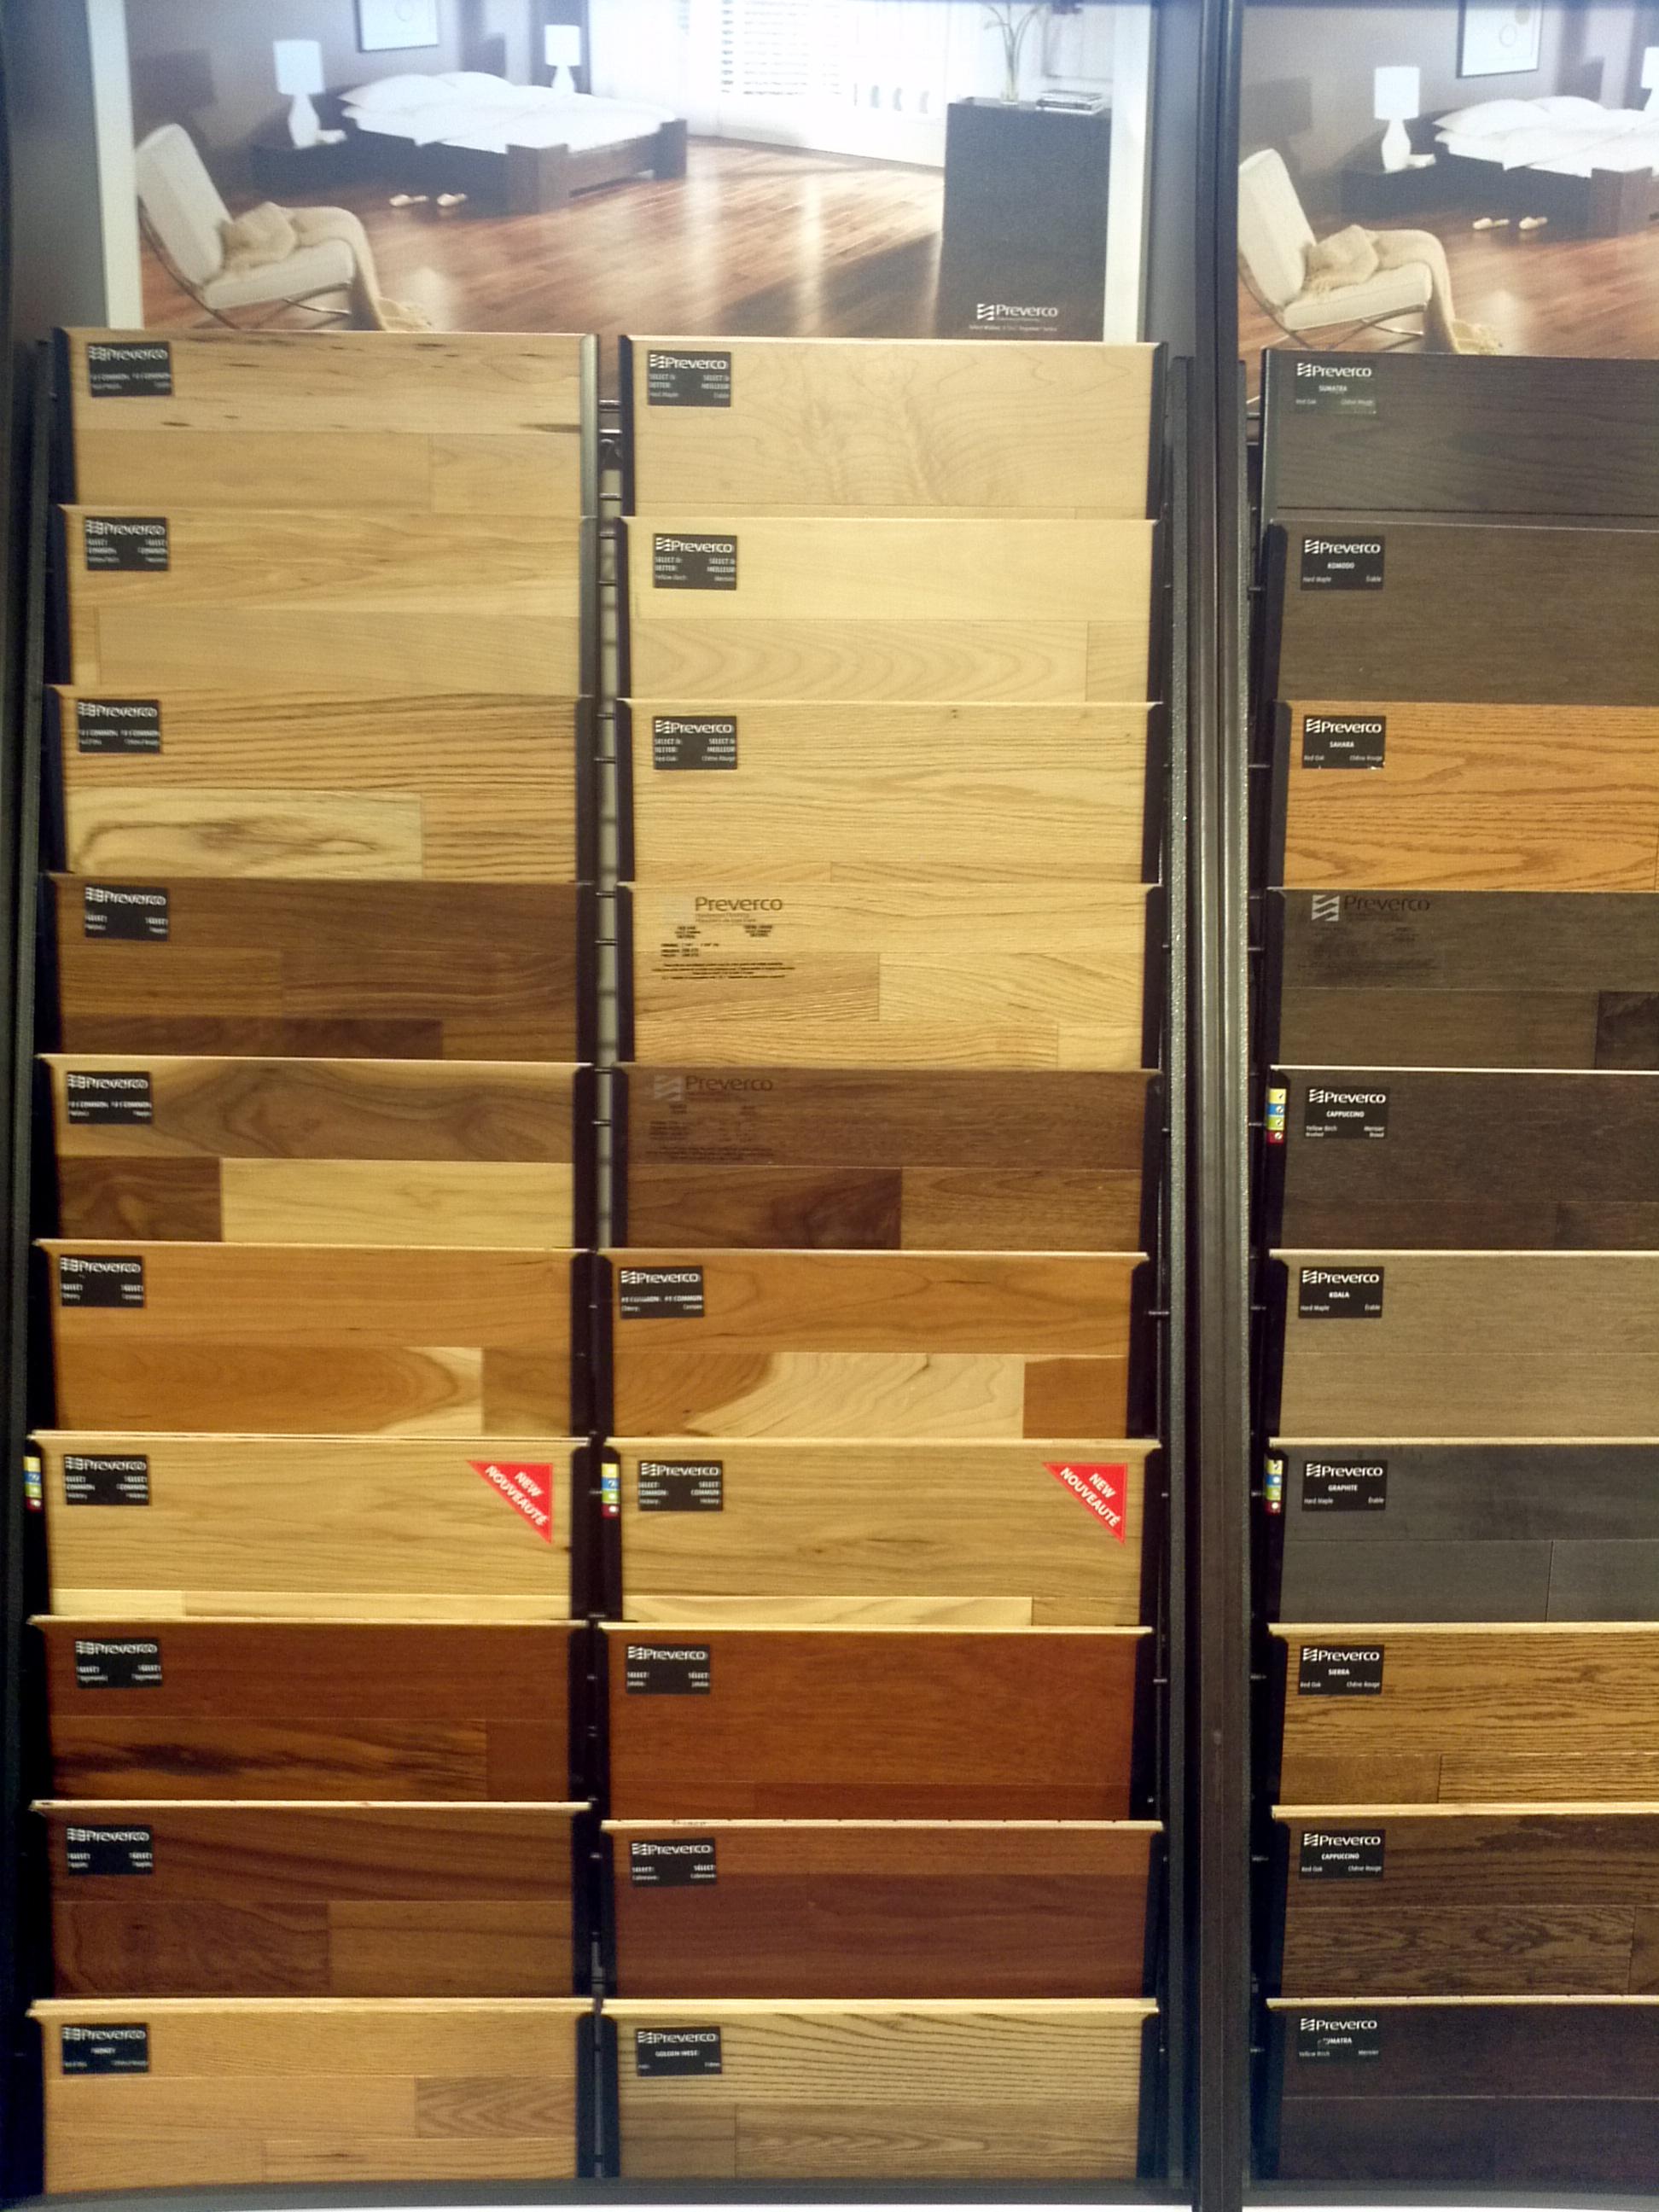 Preverco Hardwood Flooring 604 558 1878